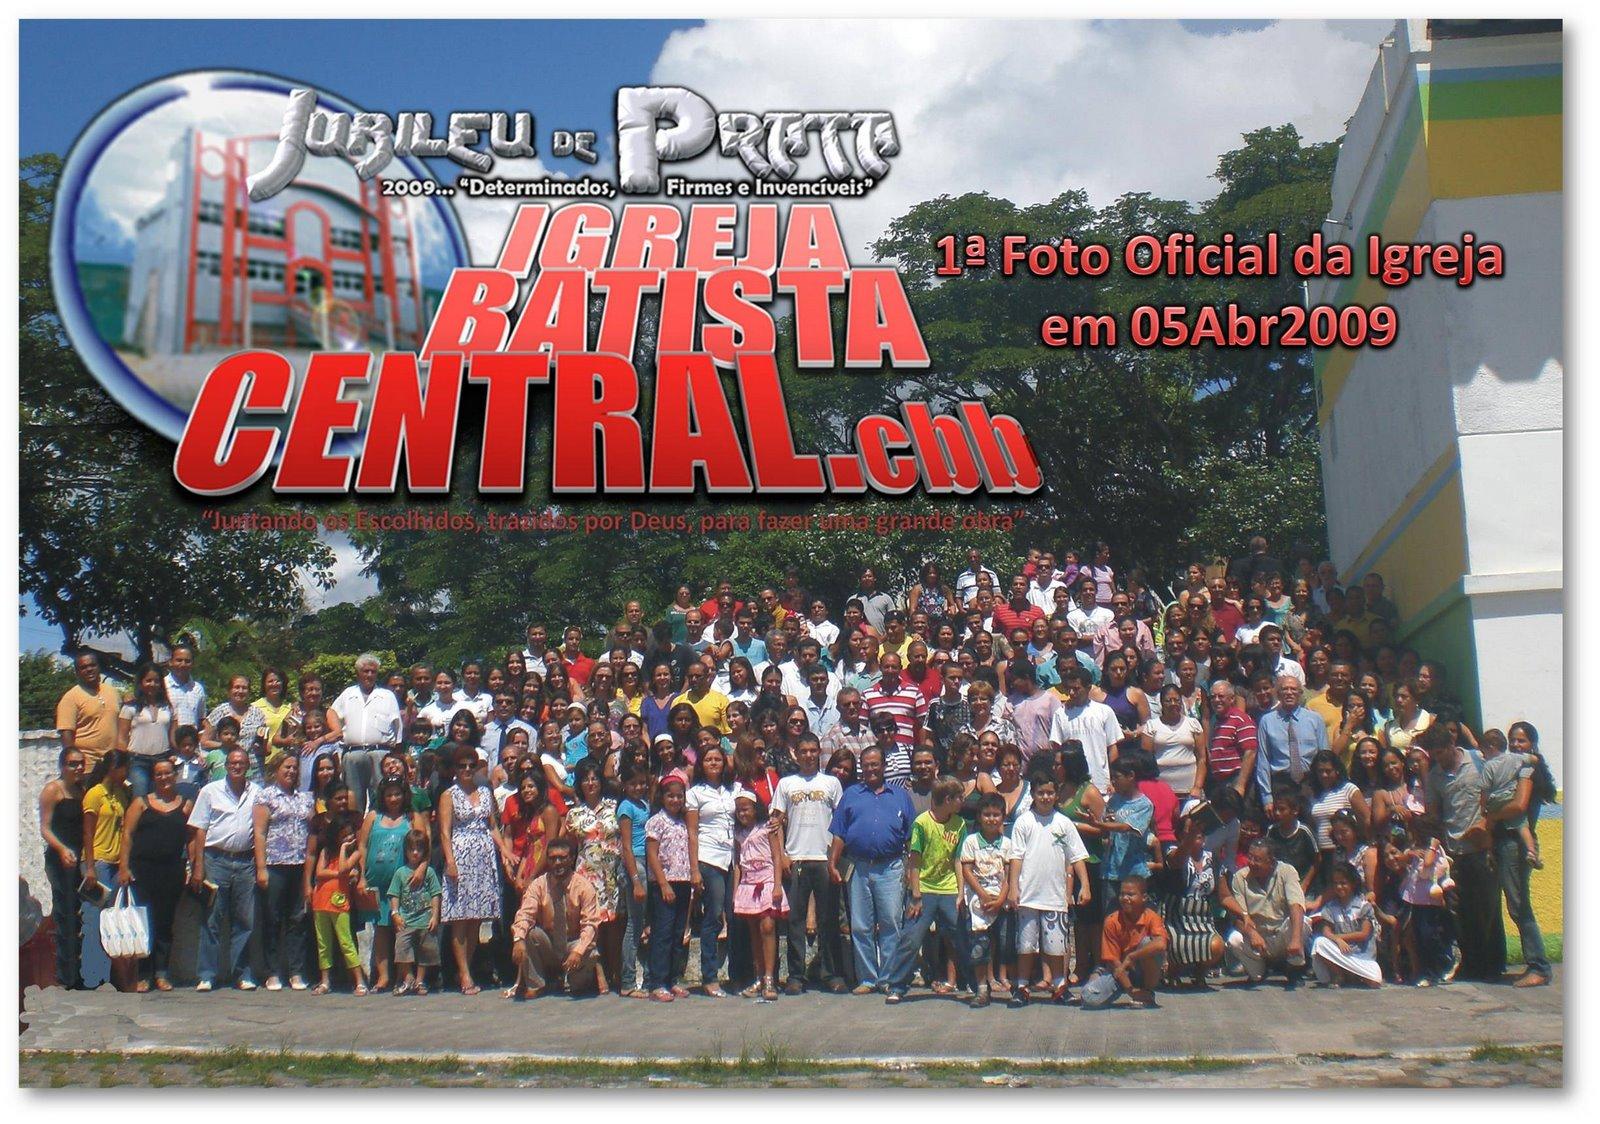 [20090405+1ª+Foto+Oficial+da+Igreja+no+Jubileu+de+Ouro.jpg]